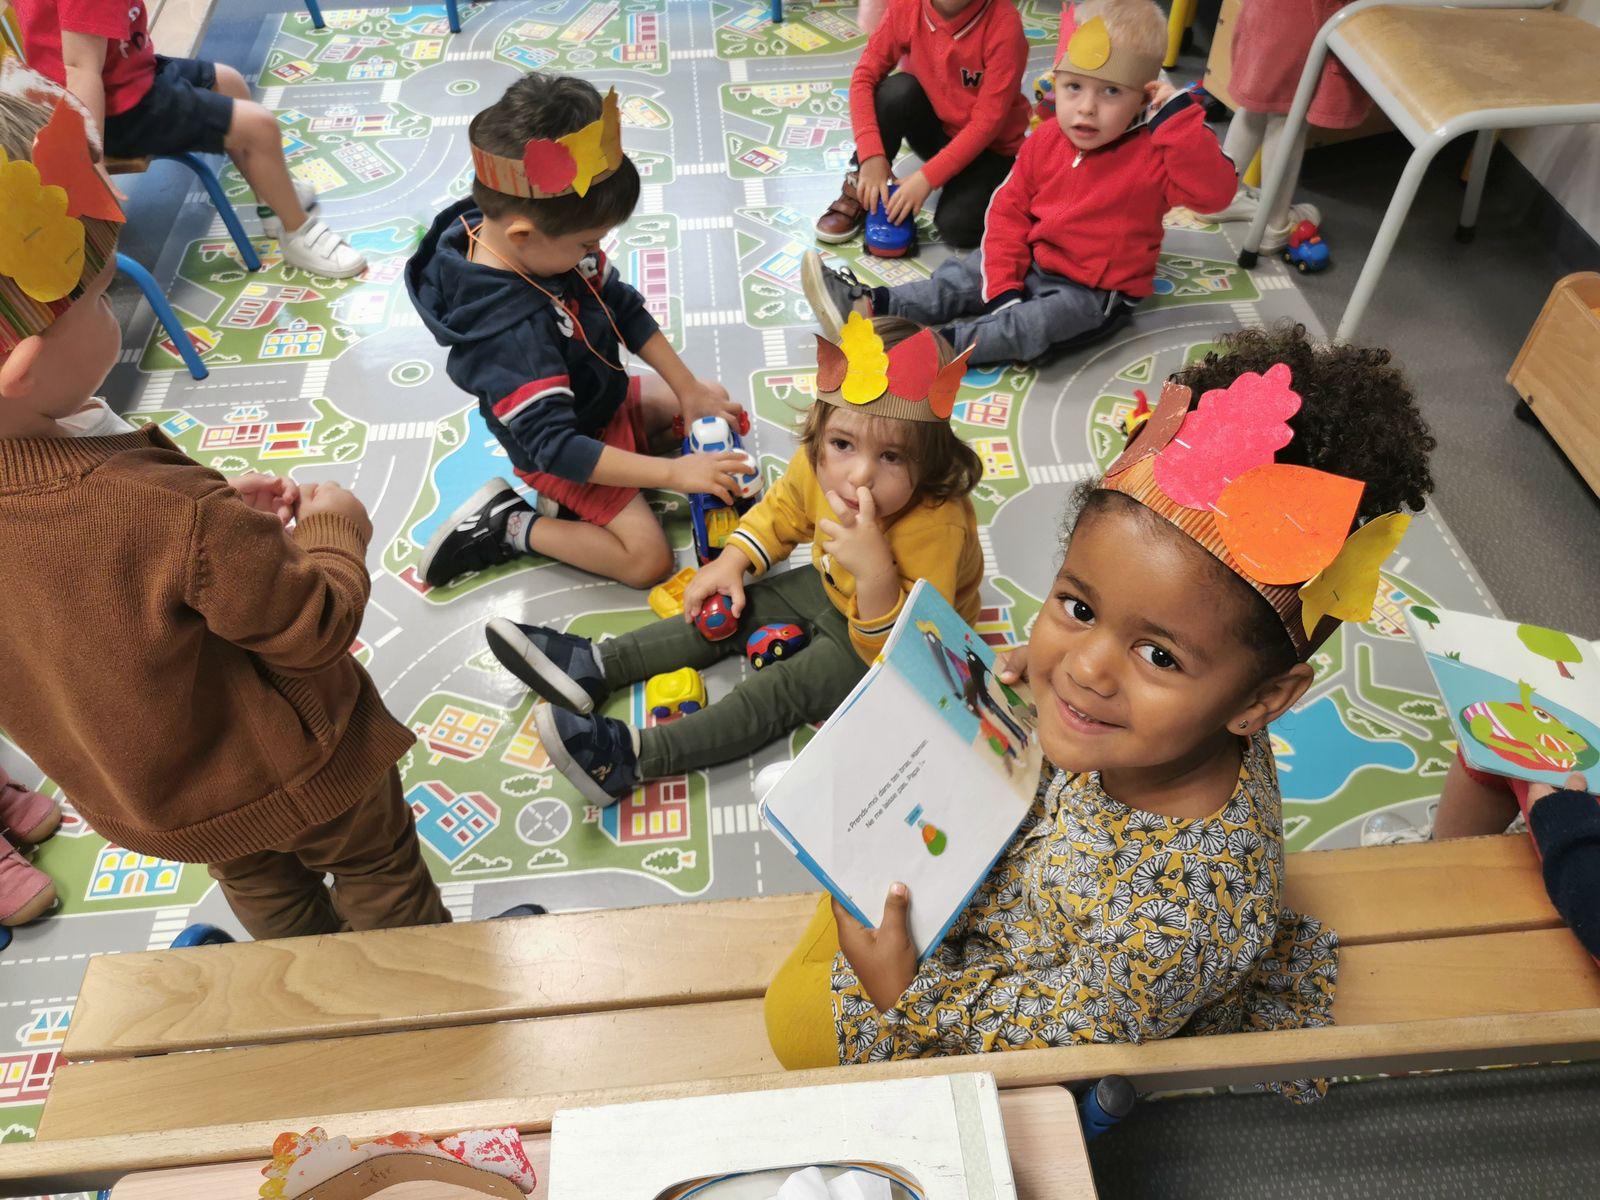 Pendant que les maîtresses préparaient les tables d'activité, chacun s'occupait, impatient de commencer les ateliers..